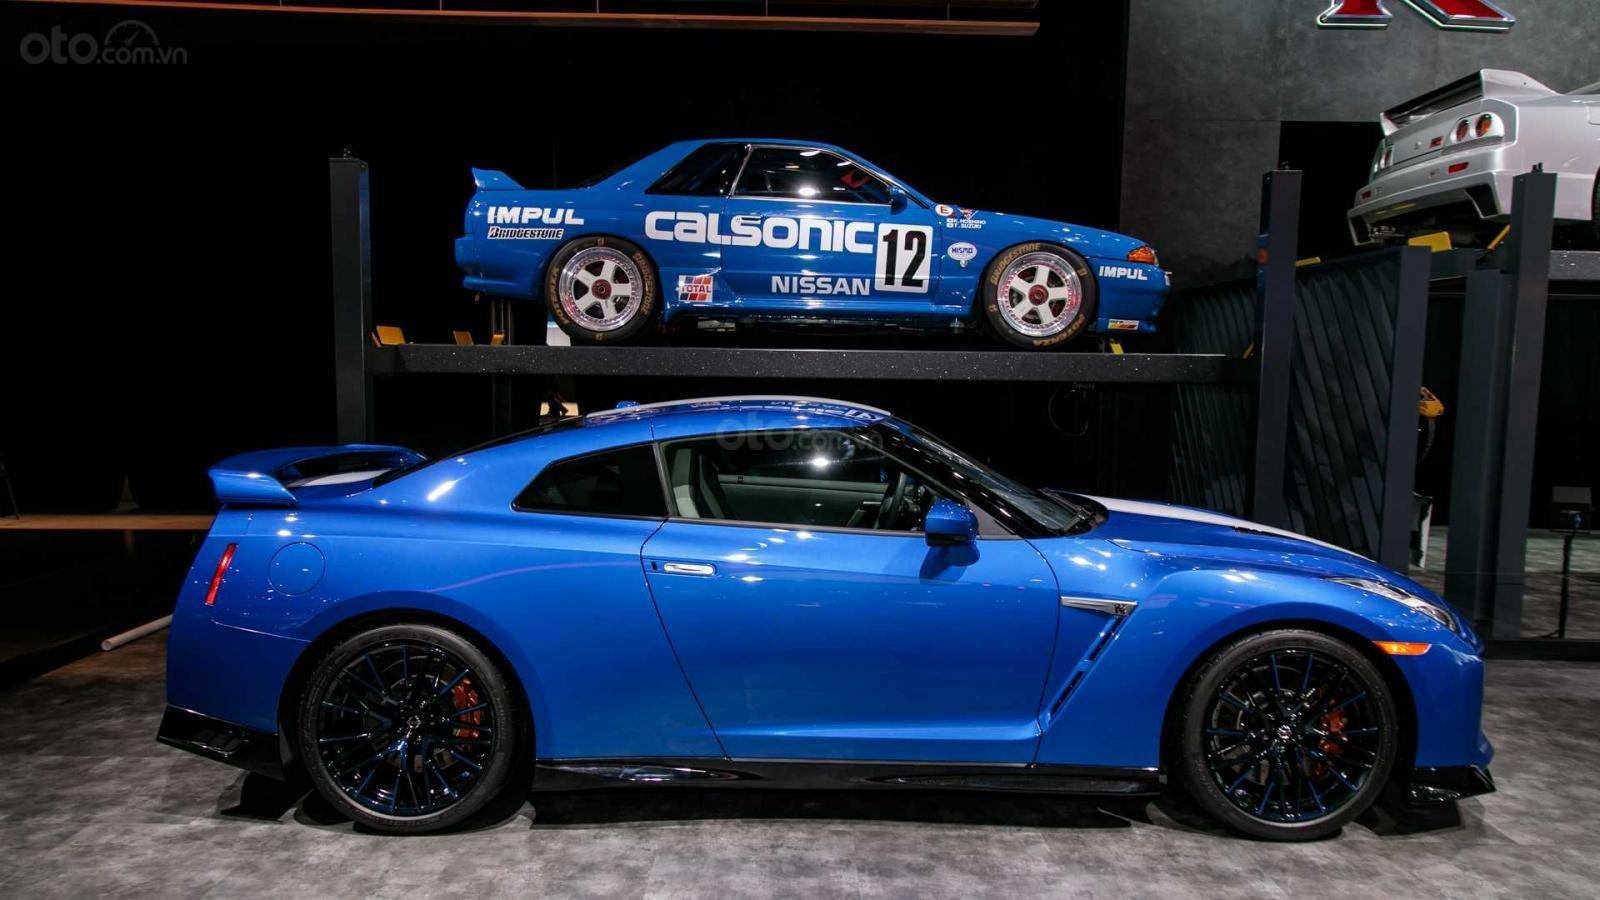 Nissan GT-R 2020 tăng giá nhẹ so với đời 2019